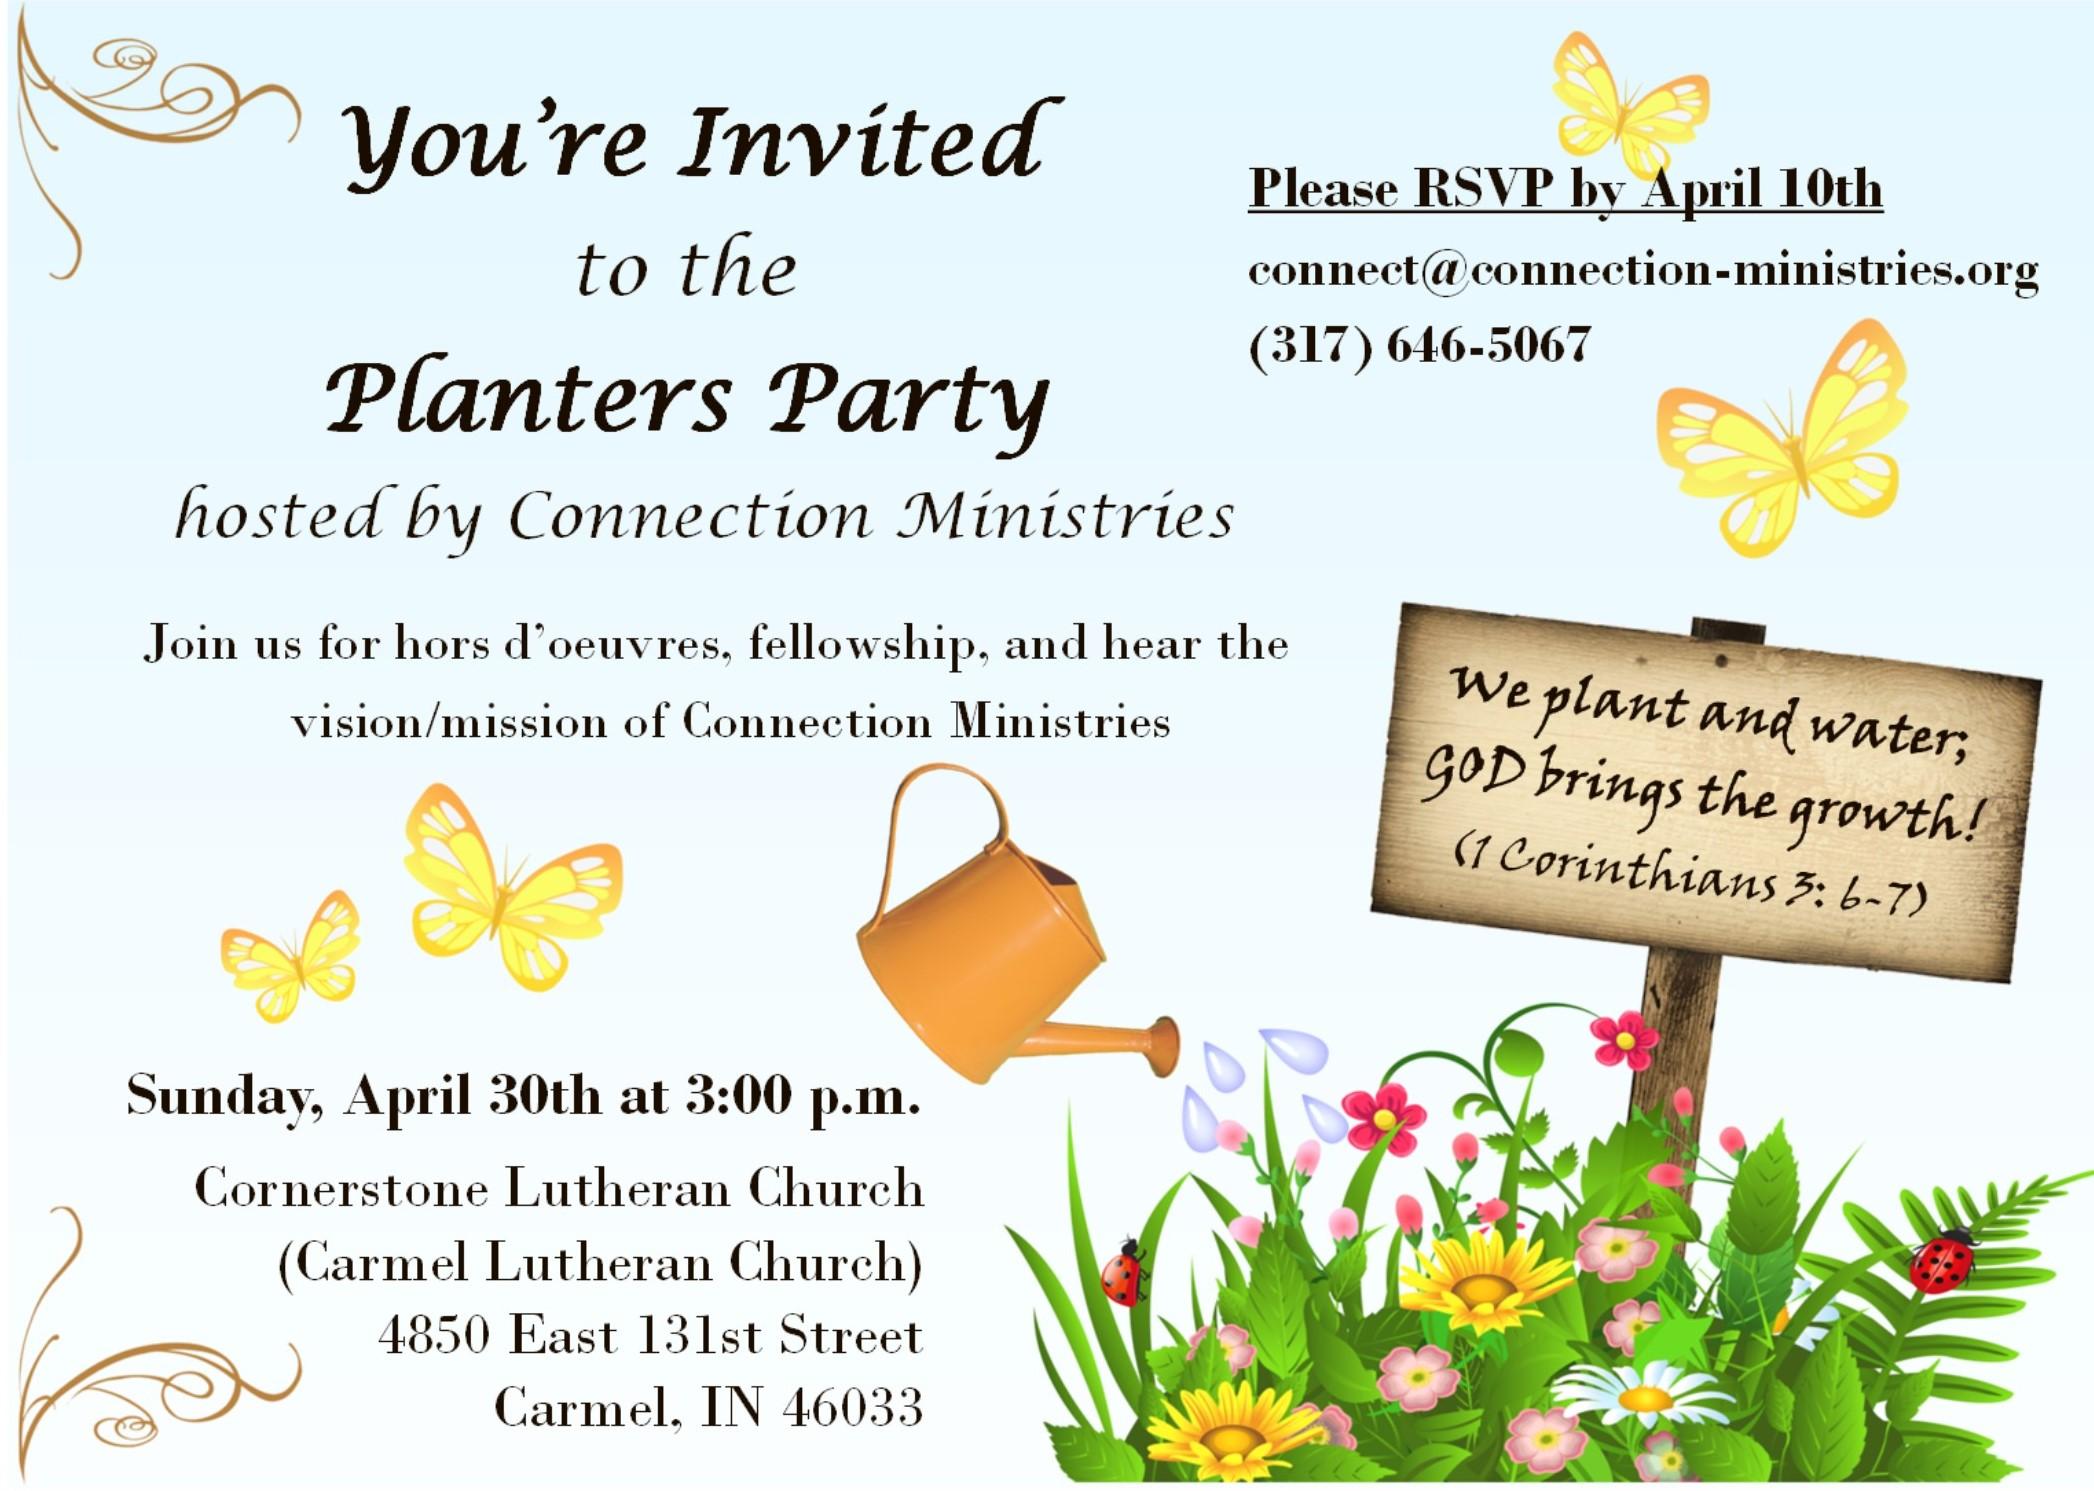 Planter's Party Invitation